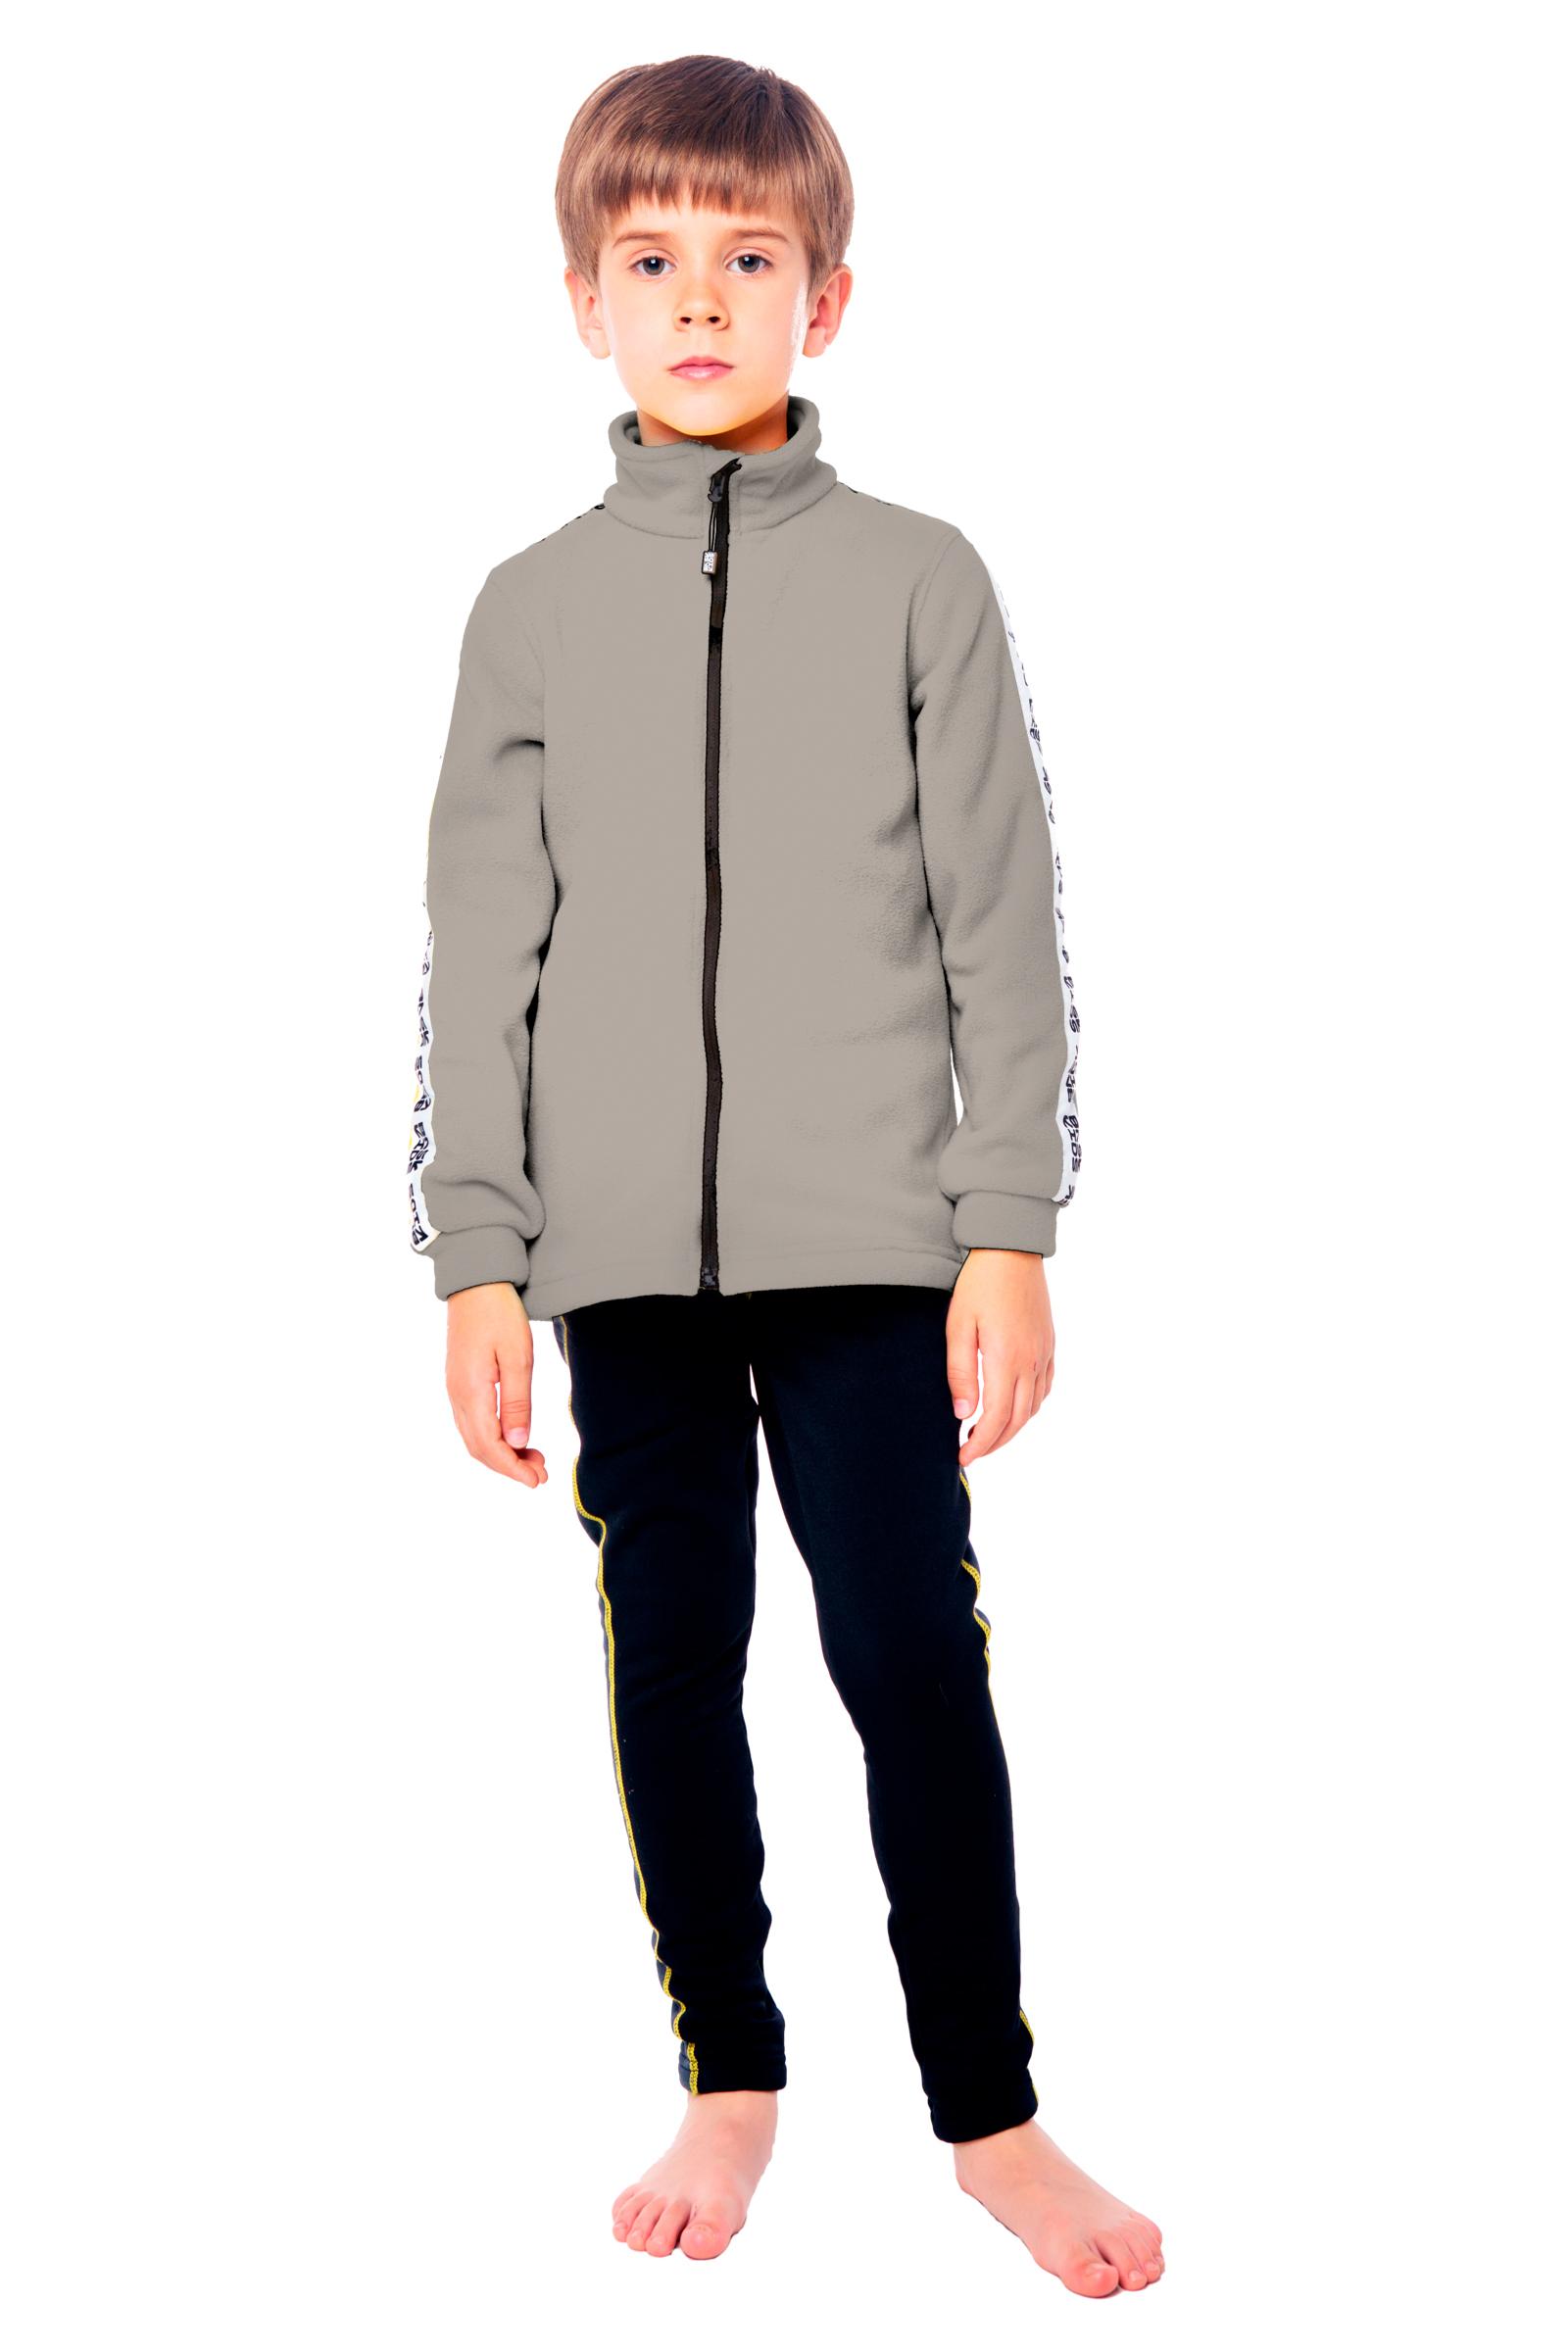 Купить Куртка флисовая детская BASK kids PIKA серый свтл, Компания БАСК